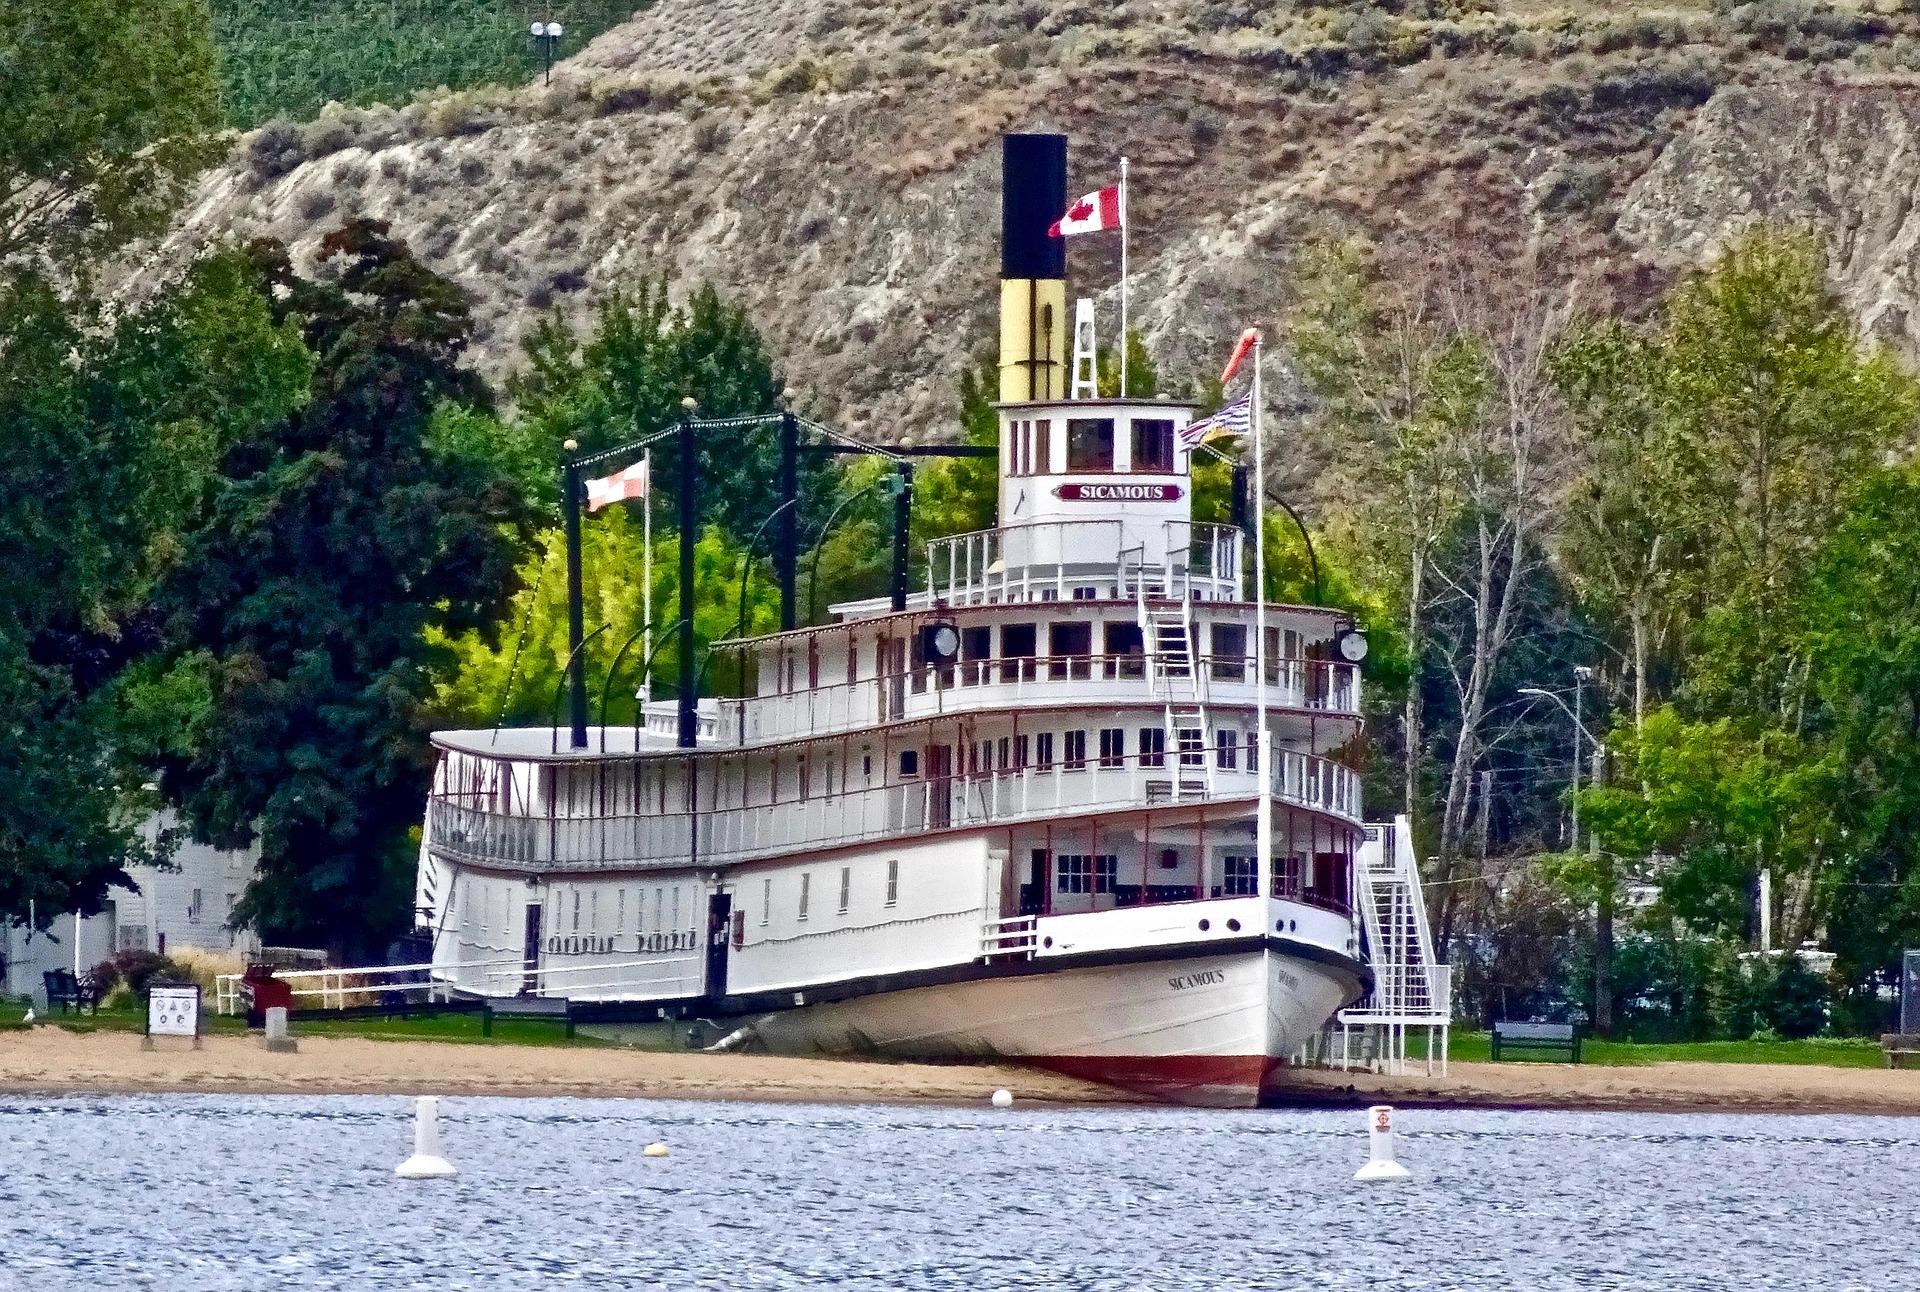 paddle-steamer-Riverboat 3 deck Pixabay